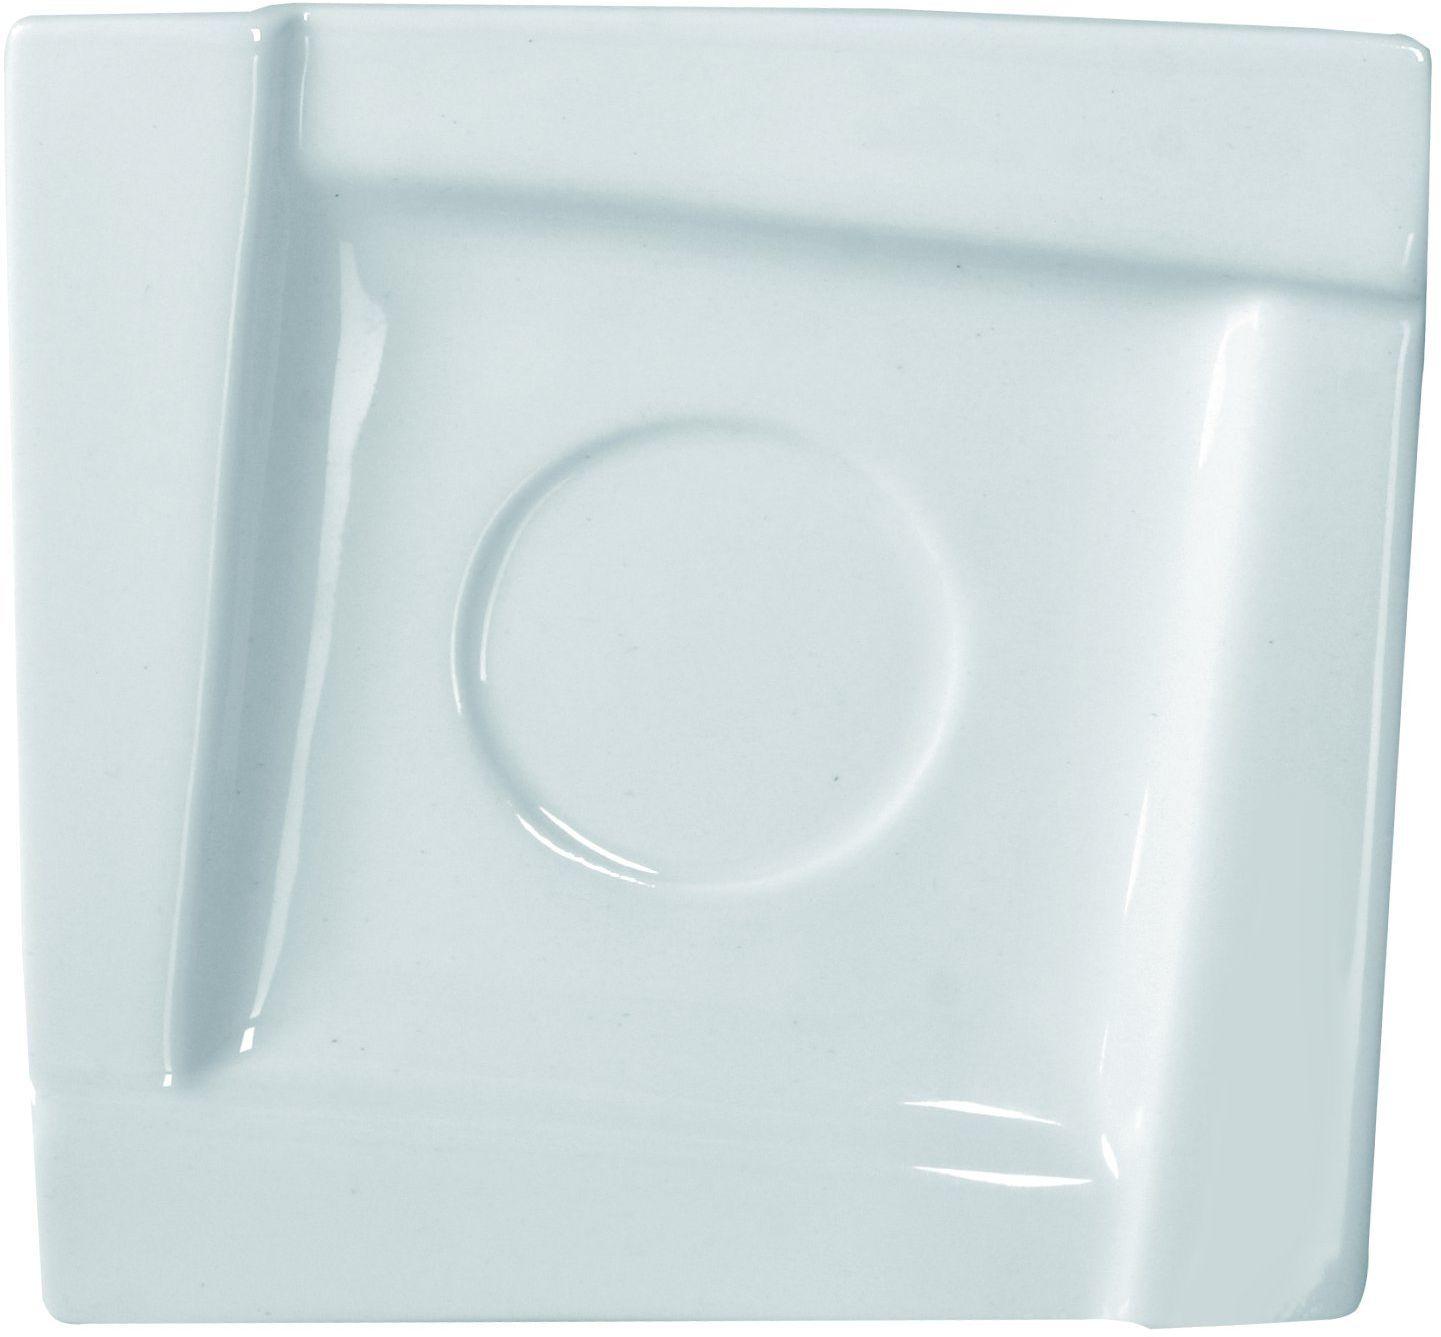 Dajar AMBITION sześcienna podstawka pod spodek, okrągła, z porcelany, nowoczesny, elegancki, biały